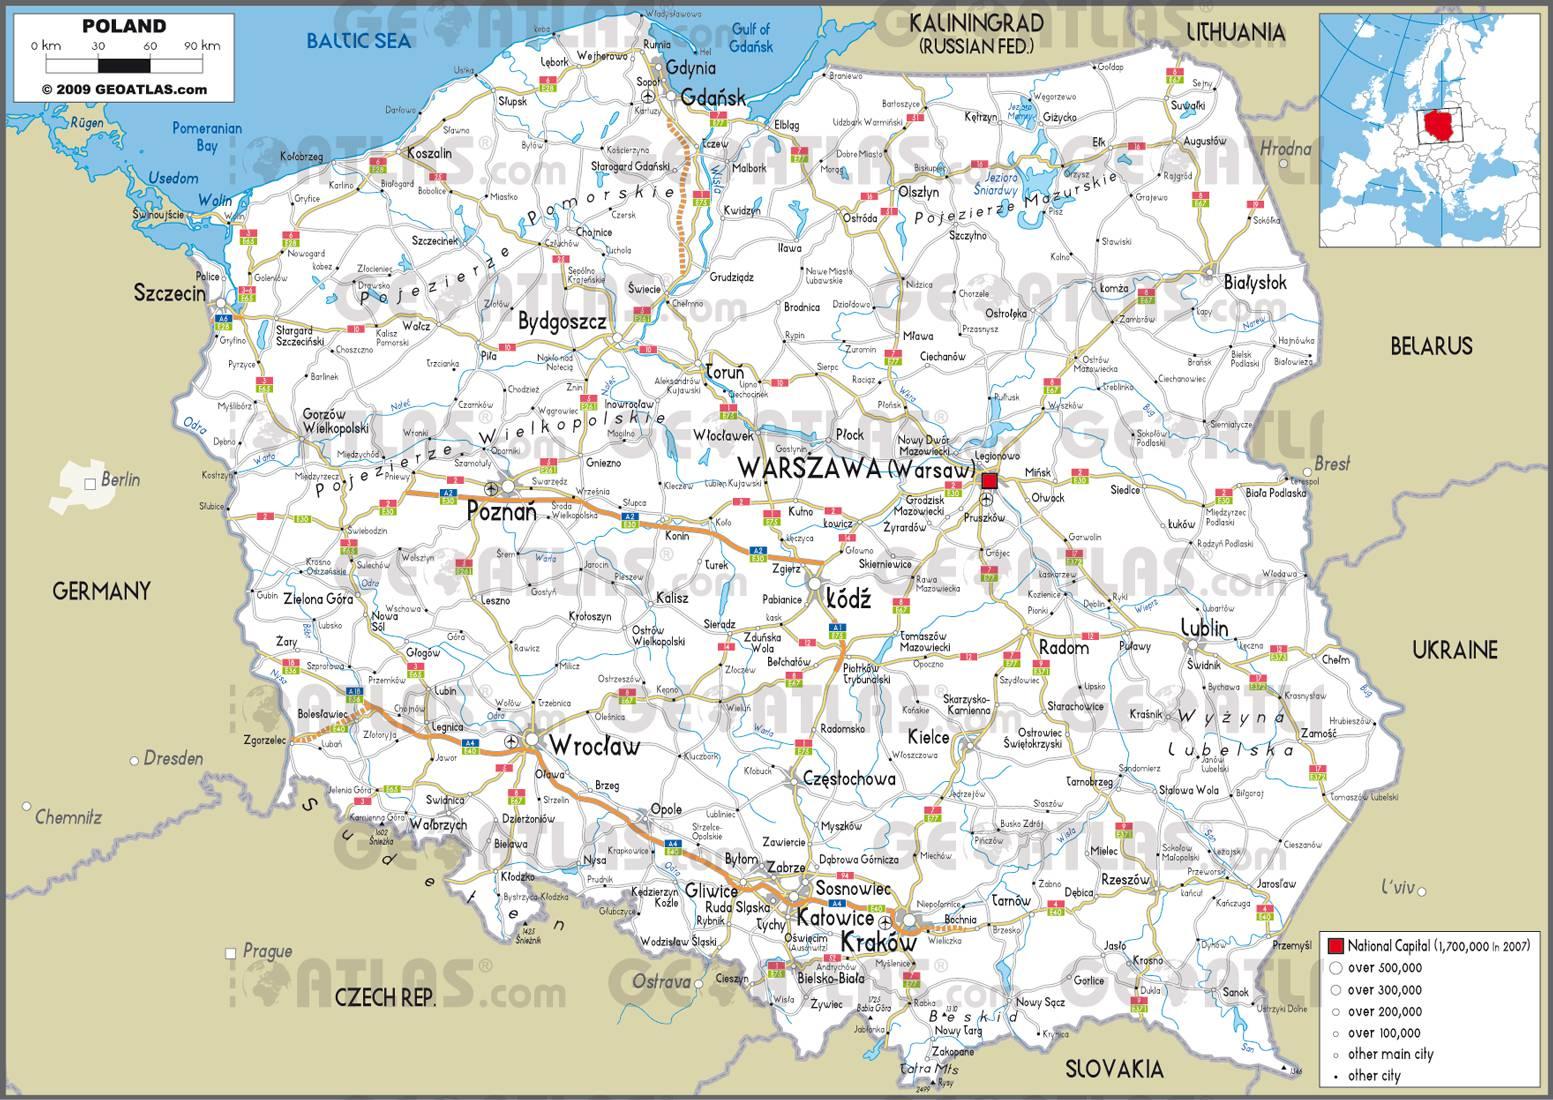 Carte routière de la Pologne